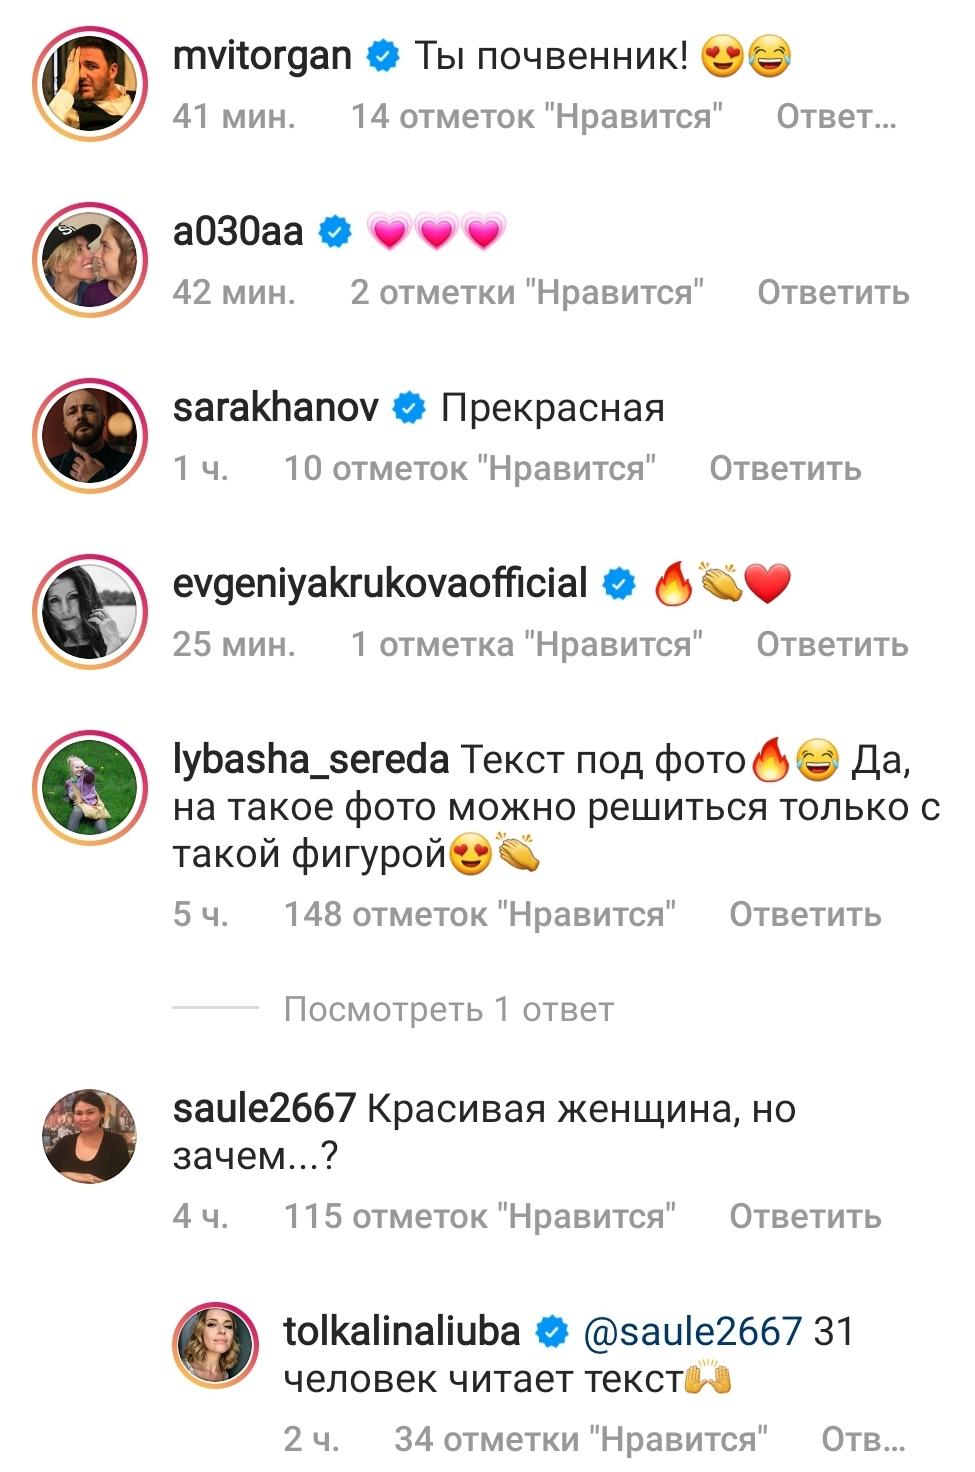 Максим Виторган прокомментировал фото полностью голой Любови Толкалиной перекопаном поле